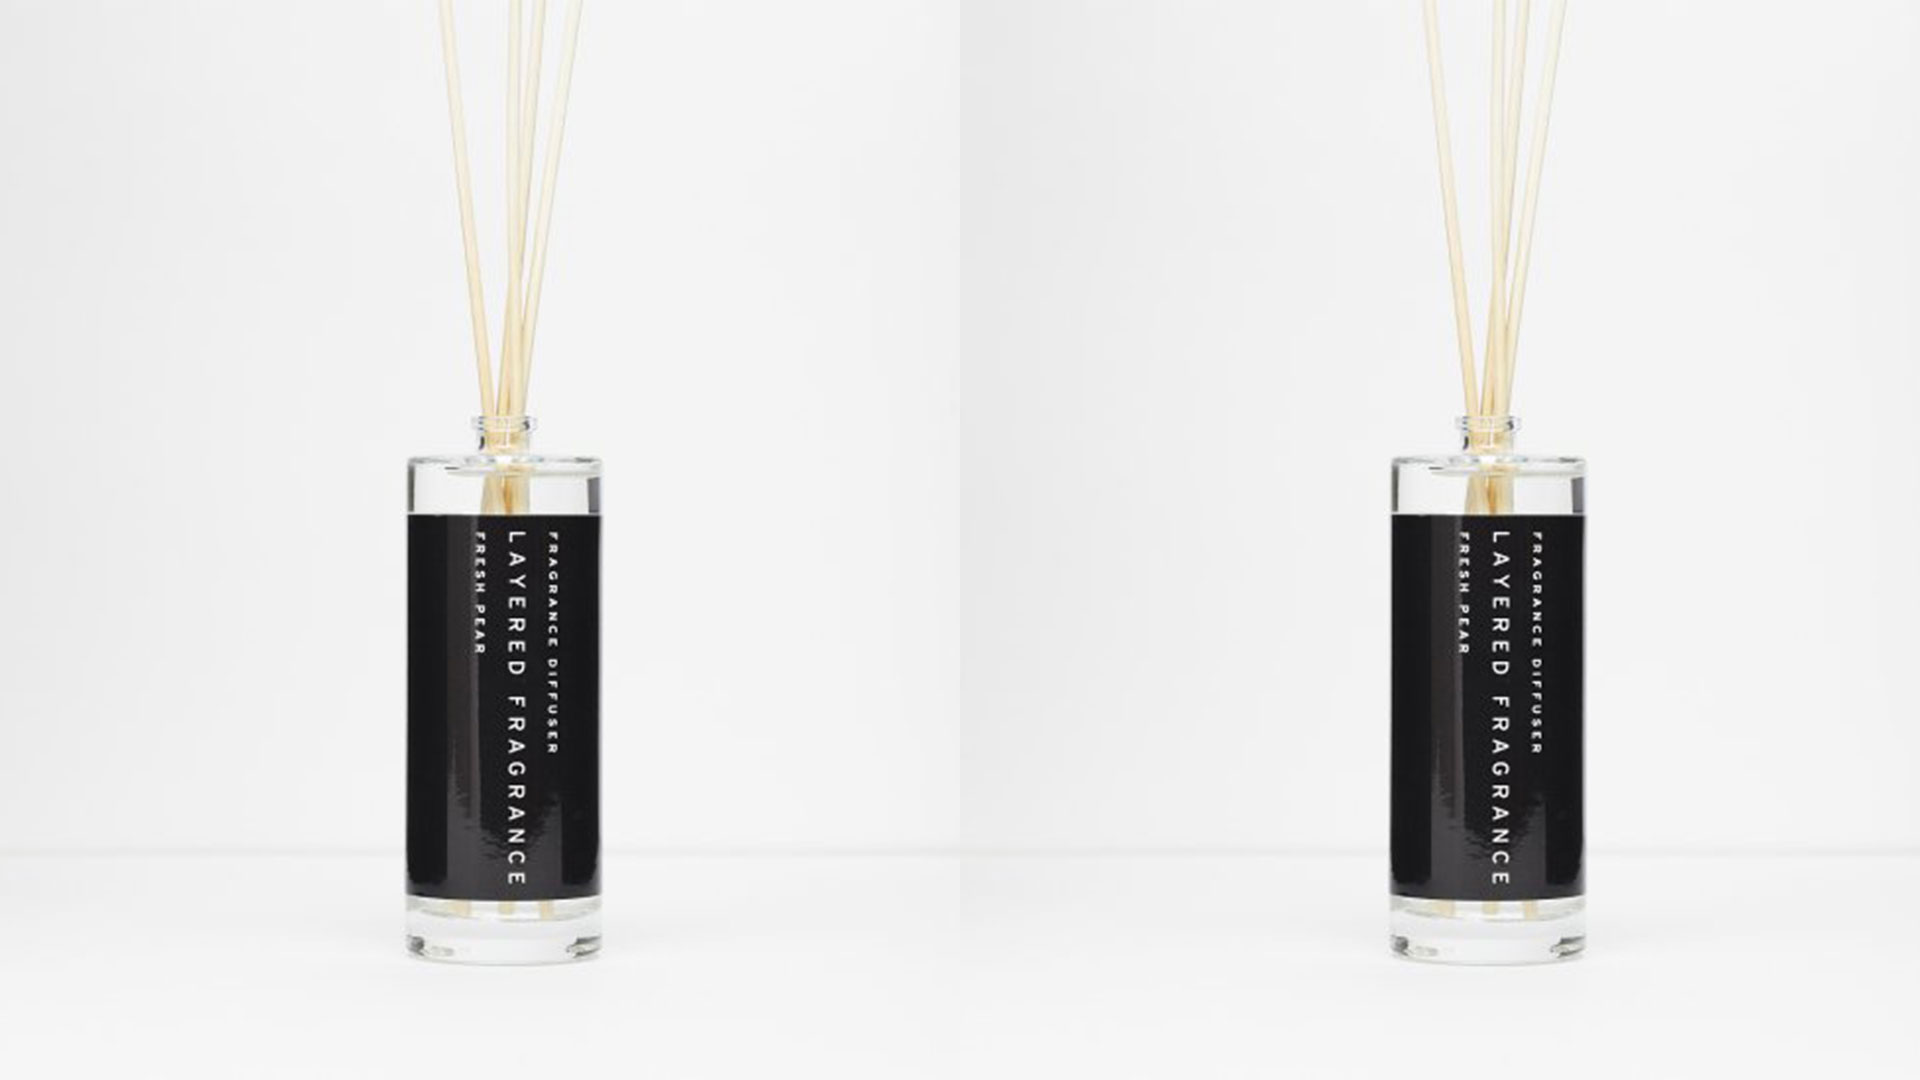 レイヤードフレグランスの香り全23種類を解説!それぞれの特徴は?